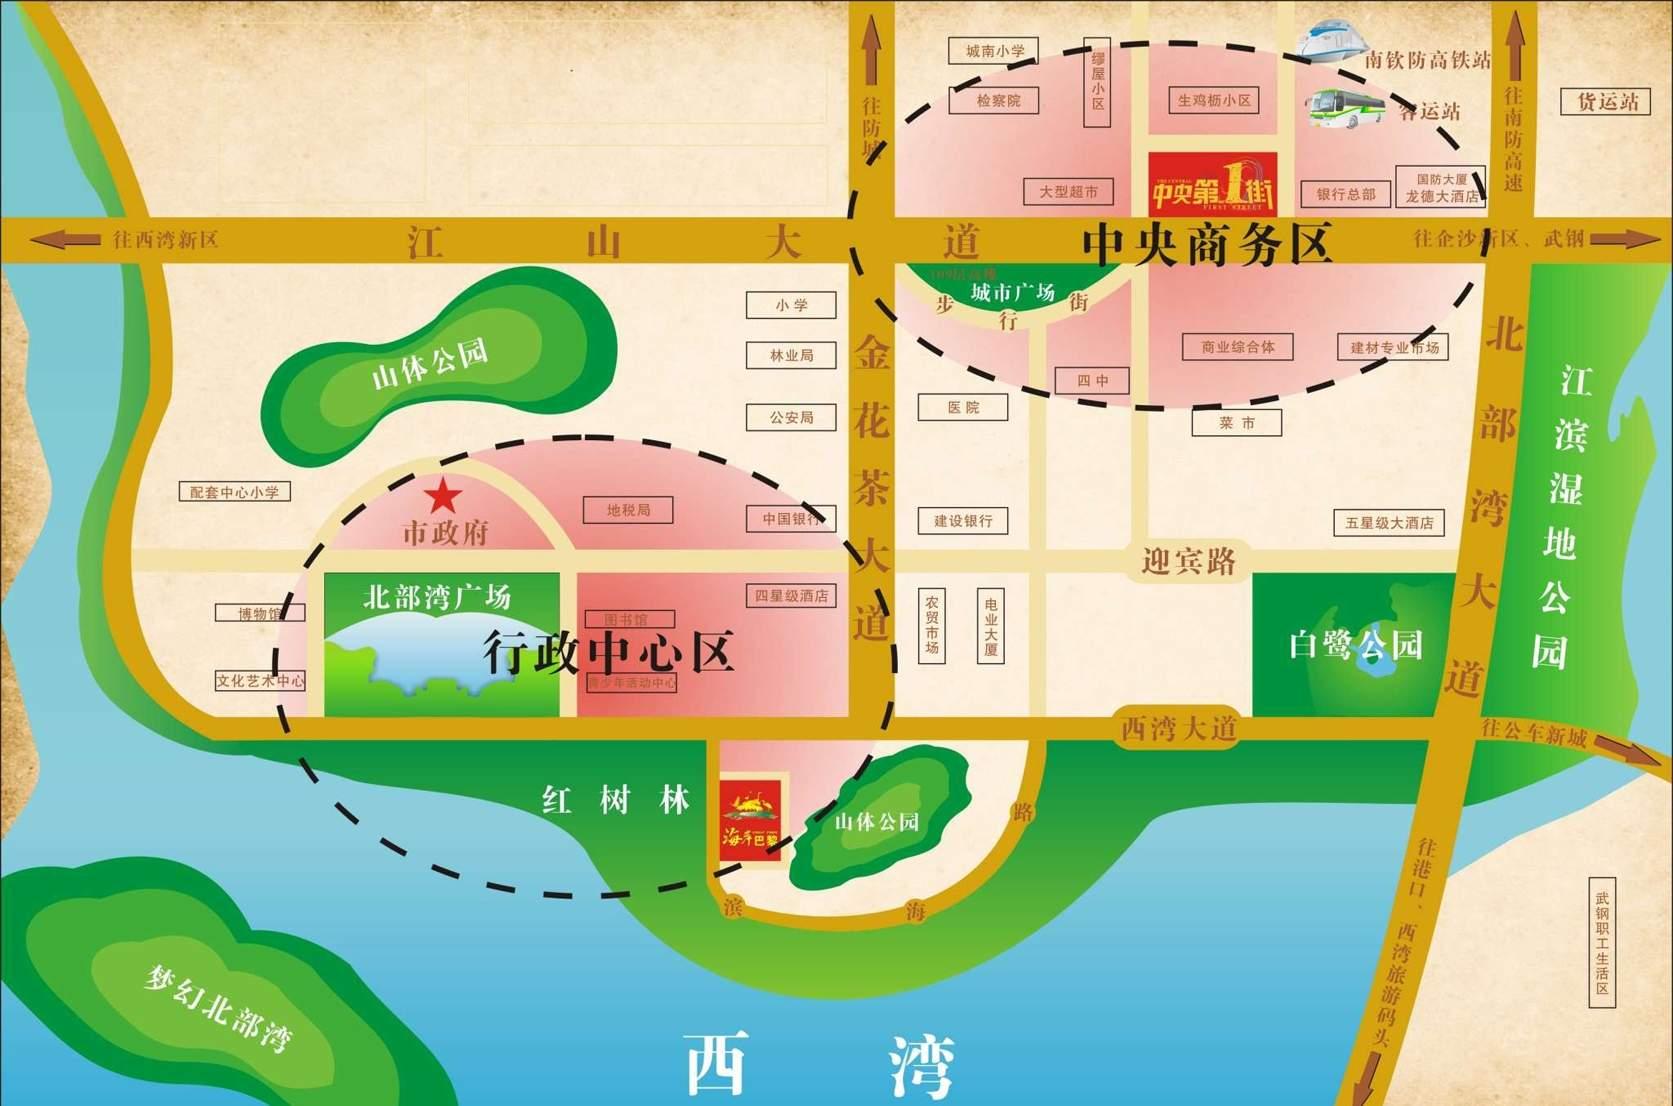 中央第一街位置图